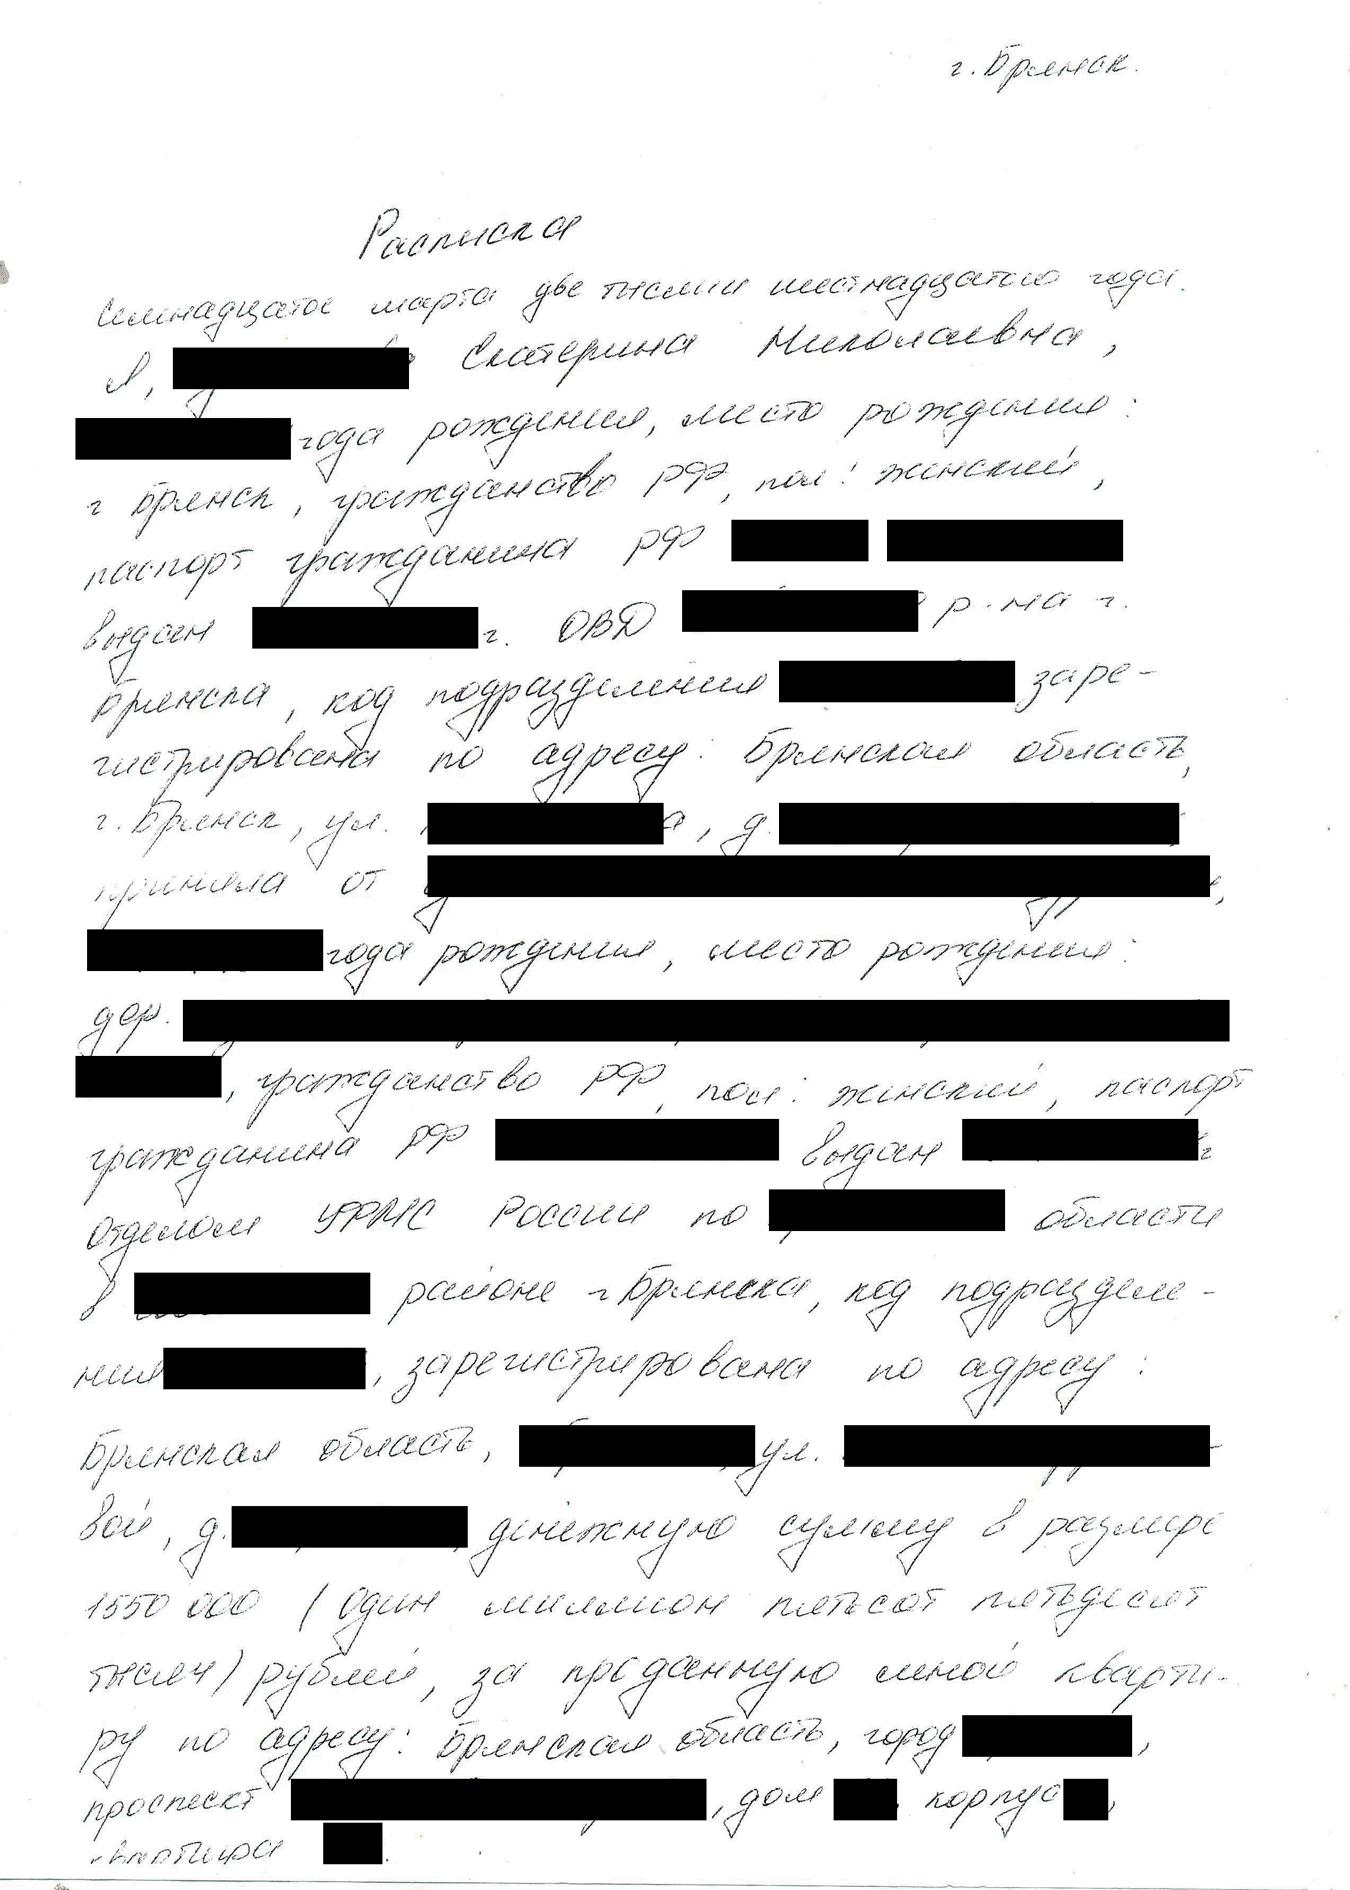 Вот все документы, которые нужны для подтверждения права на вычет